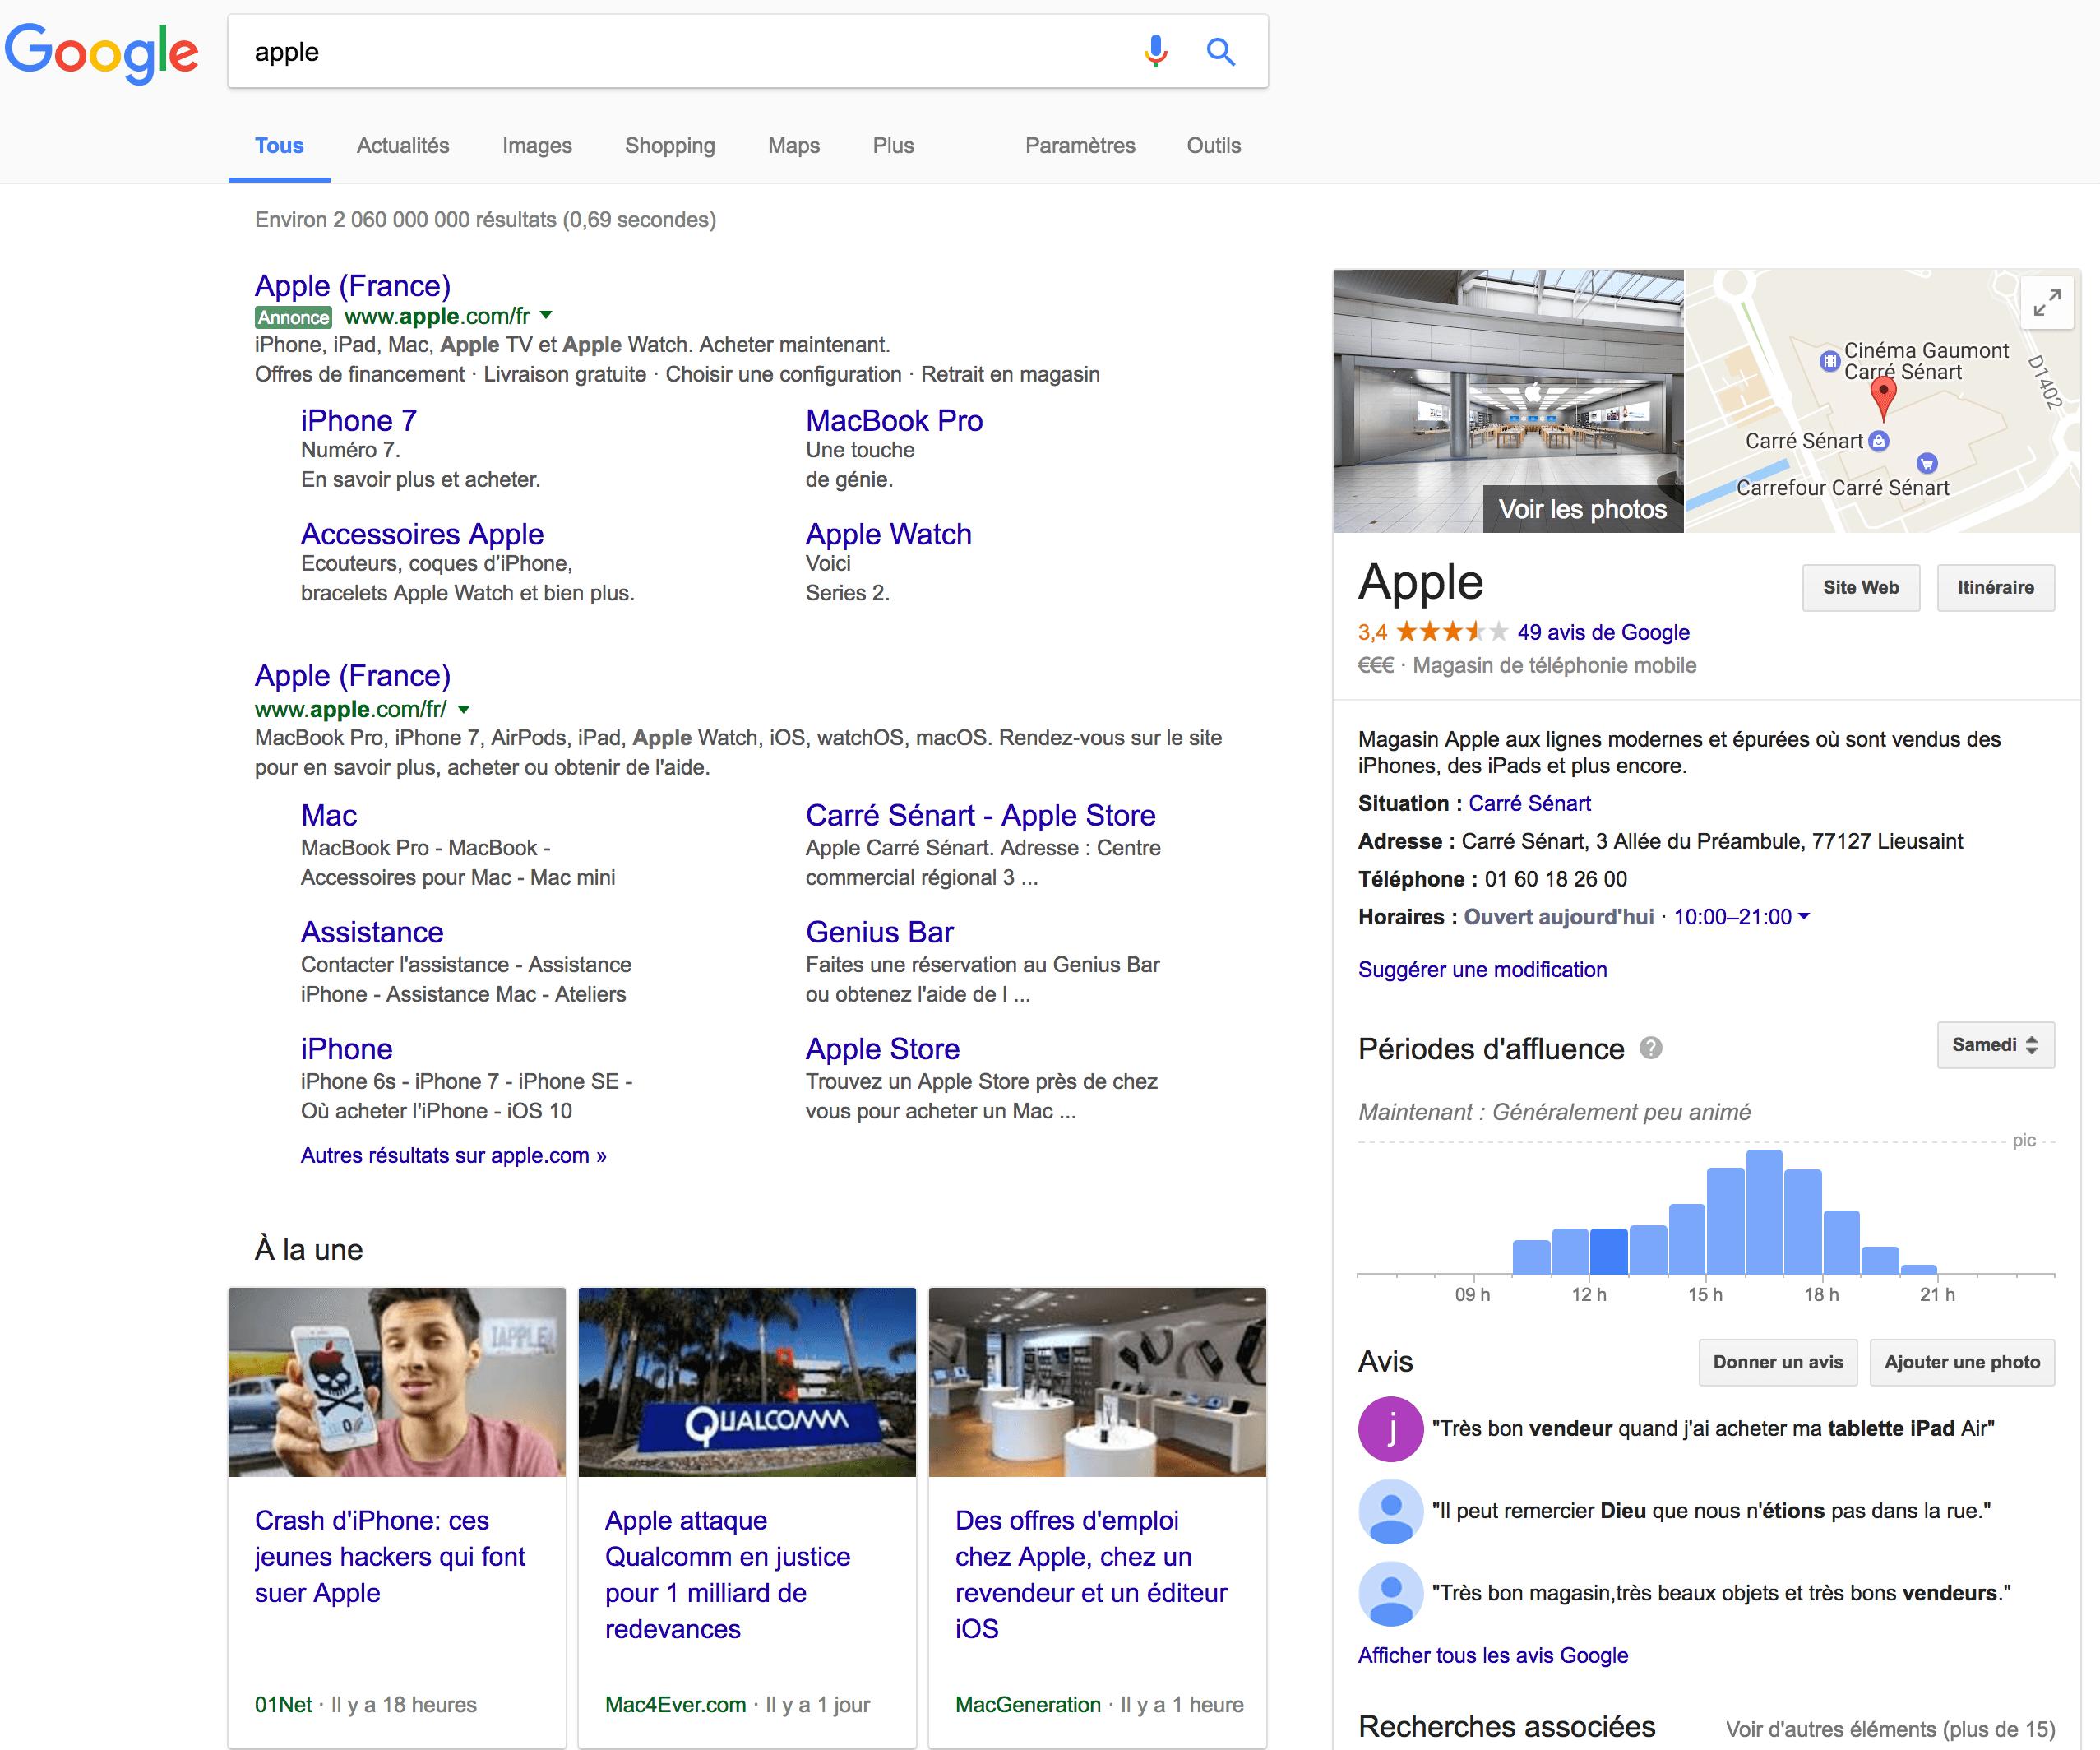 Apple résultat Google